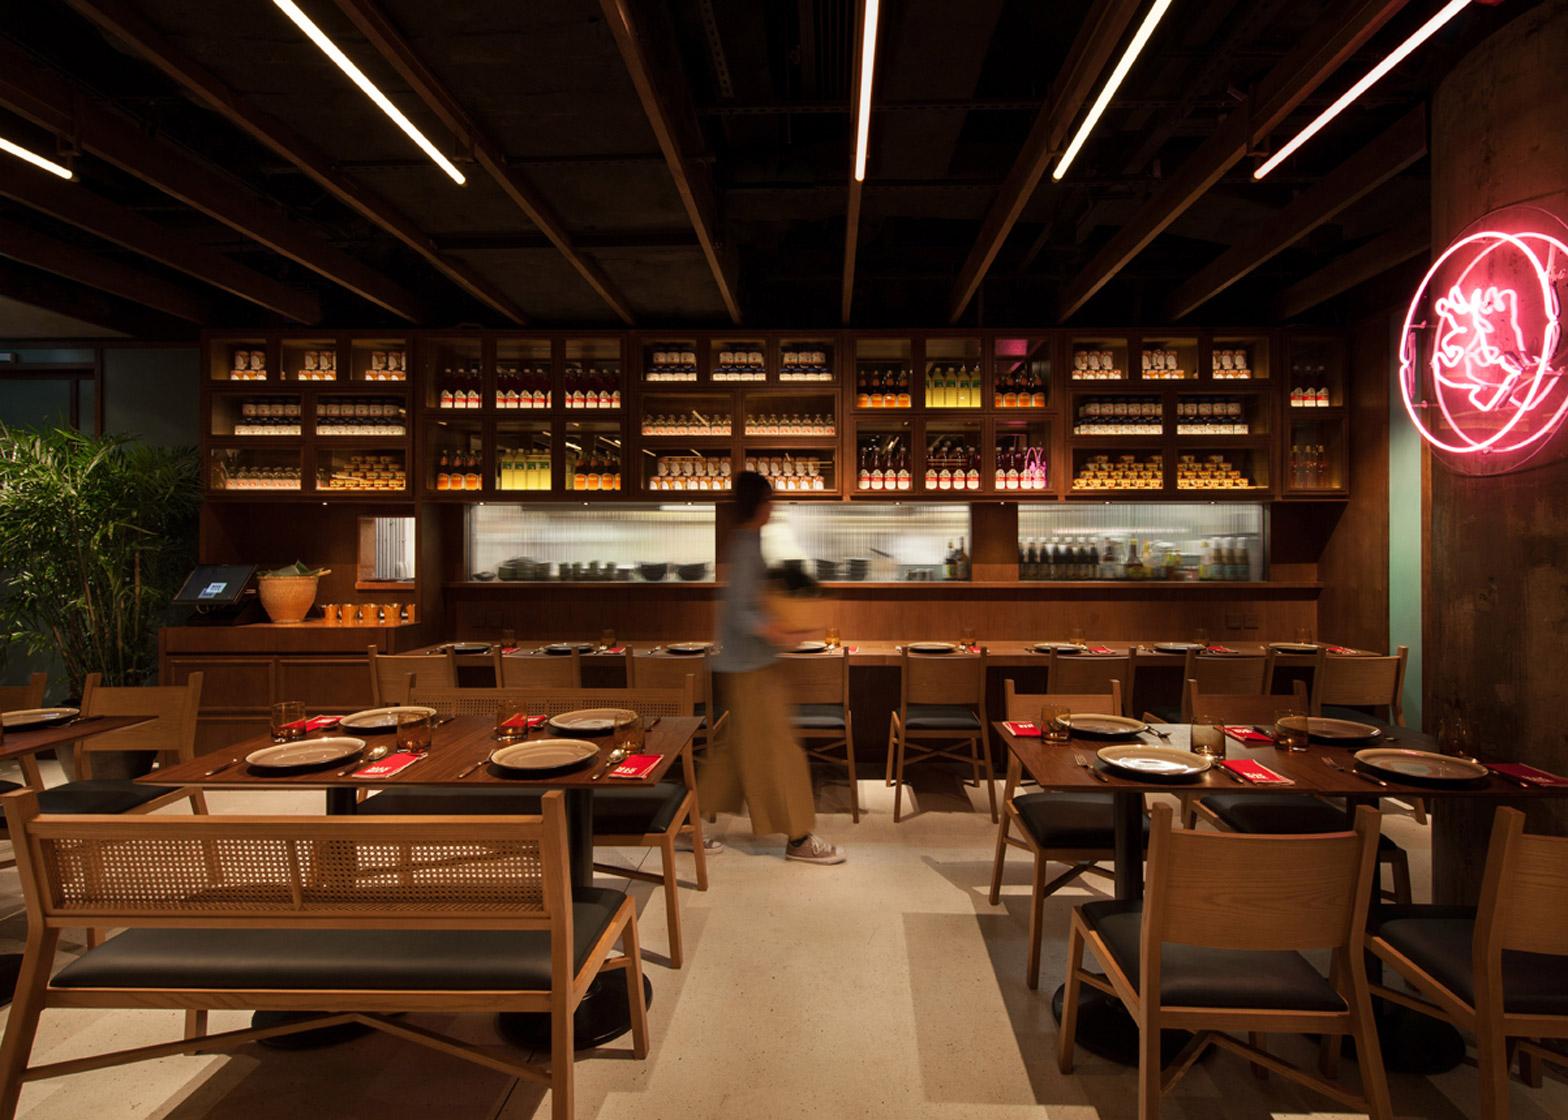 mak-mak-thai-restaurant-nc-design-architecture_dezeen_1568_6